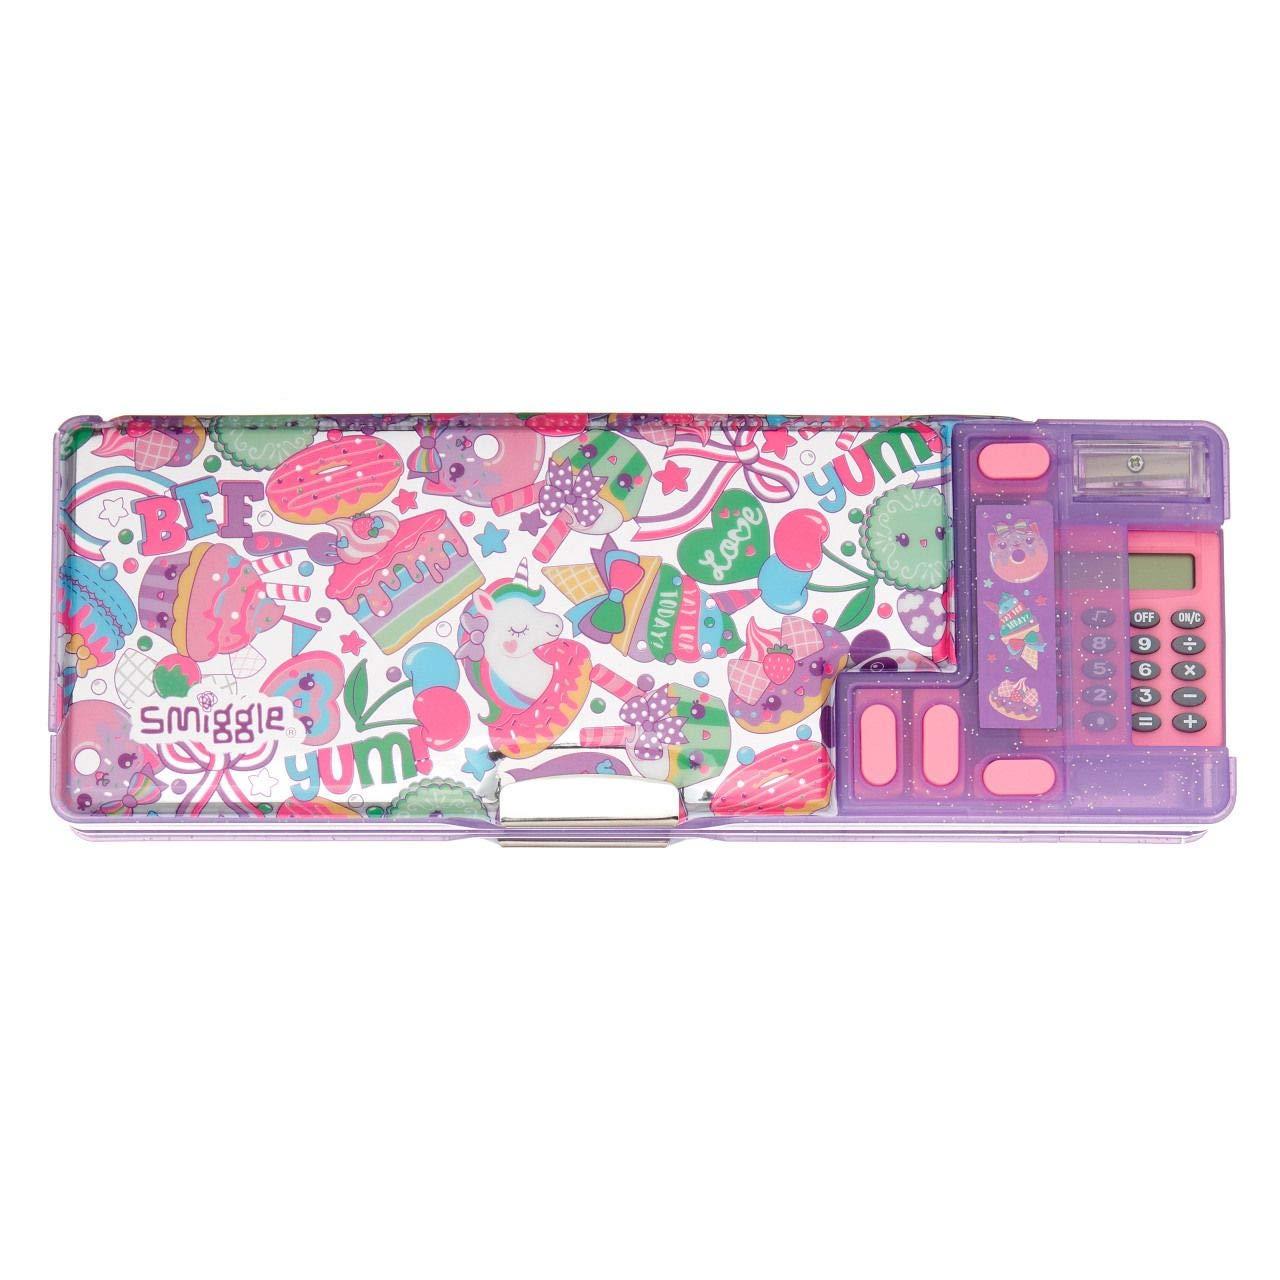 Smiggle Flashy Kids, estuche portalápices desplegable para niñas y niños con calculadora y sacapuntas | Acabado con purpurina y holografías